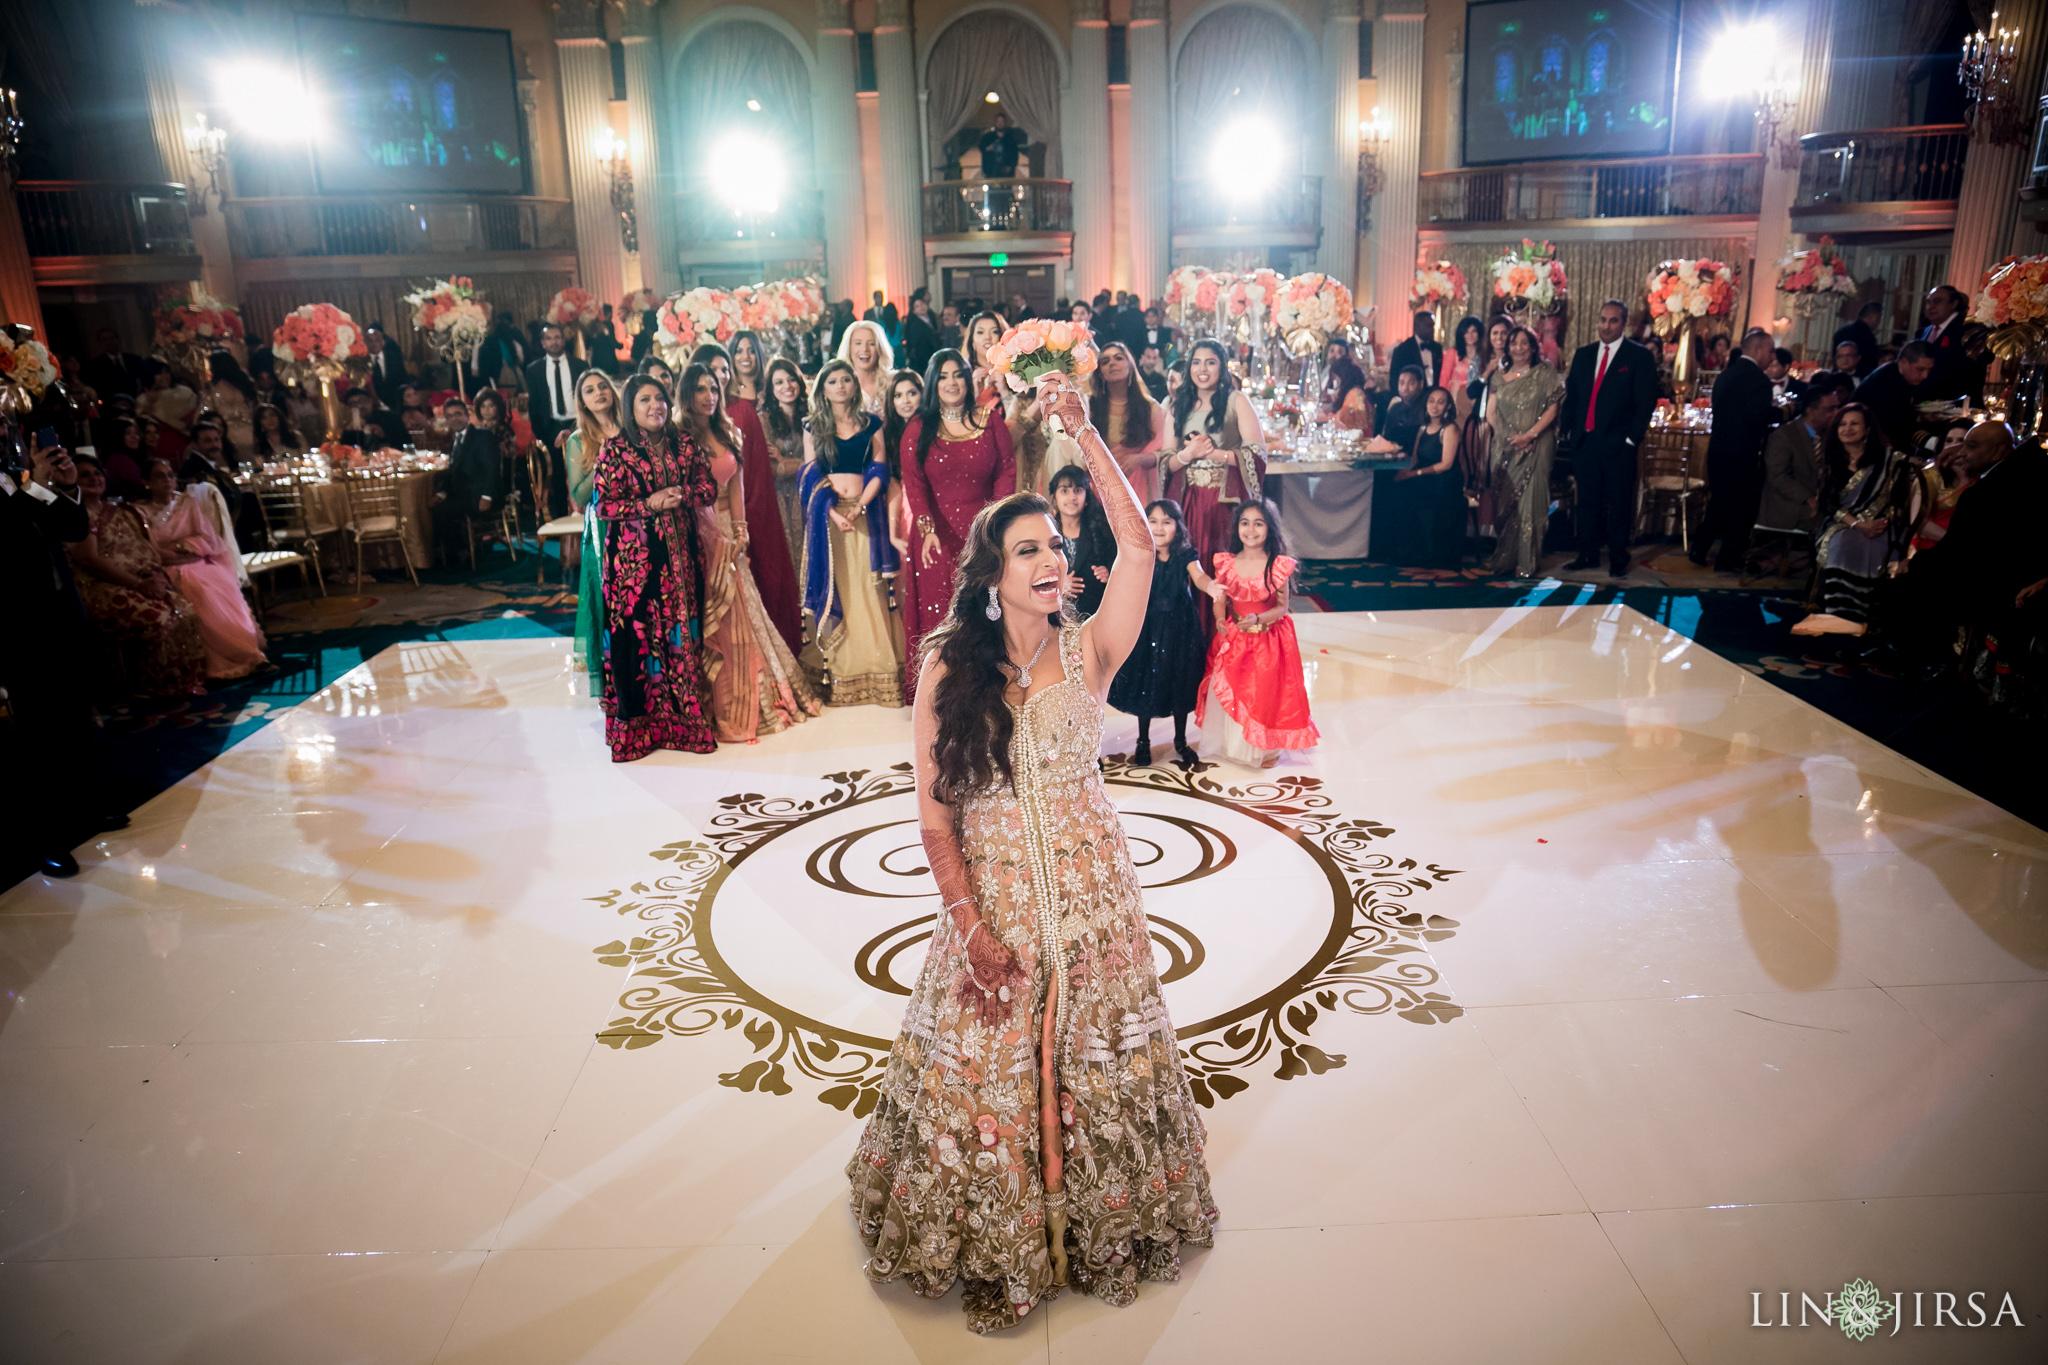 24-biltmore-hotel-los-angeles-wedding-reception-photography